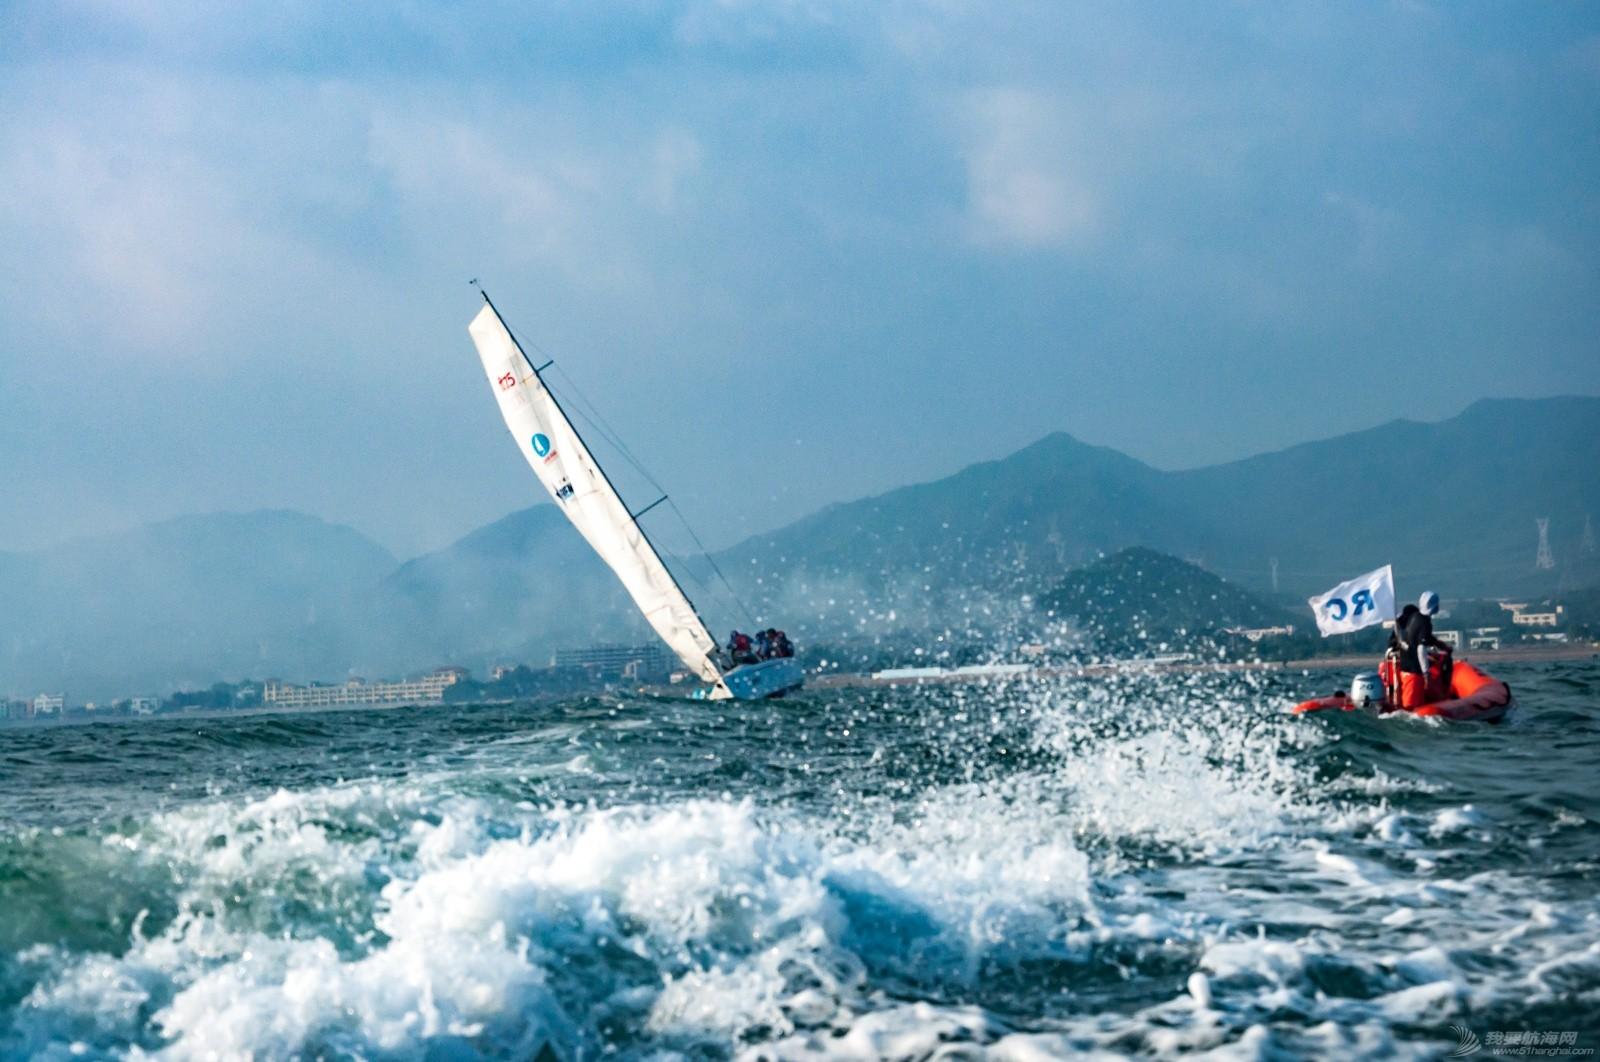 【2015大鹏杯帆船赛】51航海网船队在比赛中 s015.jpg